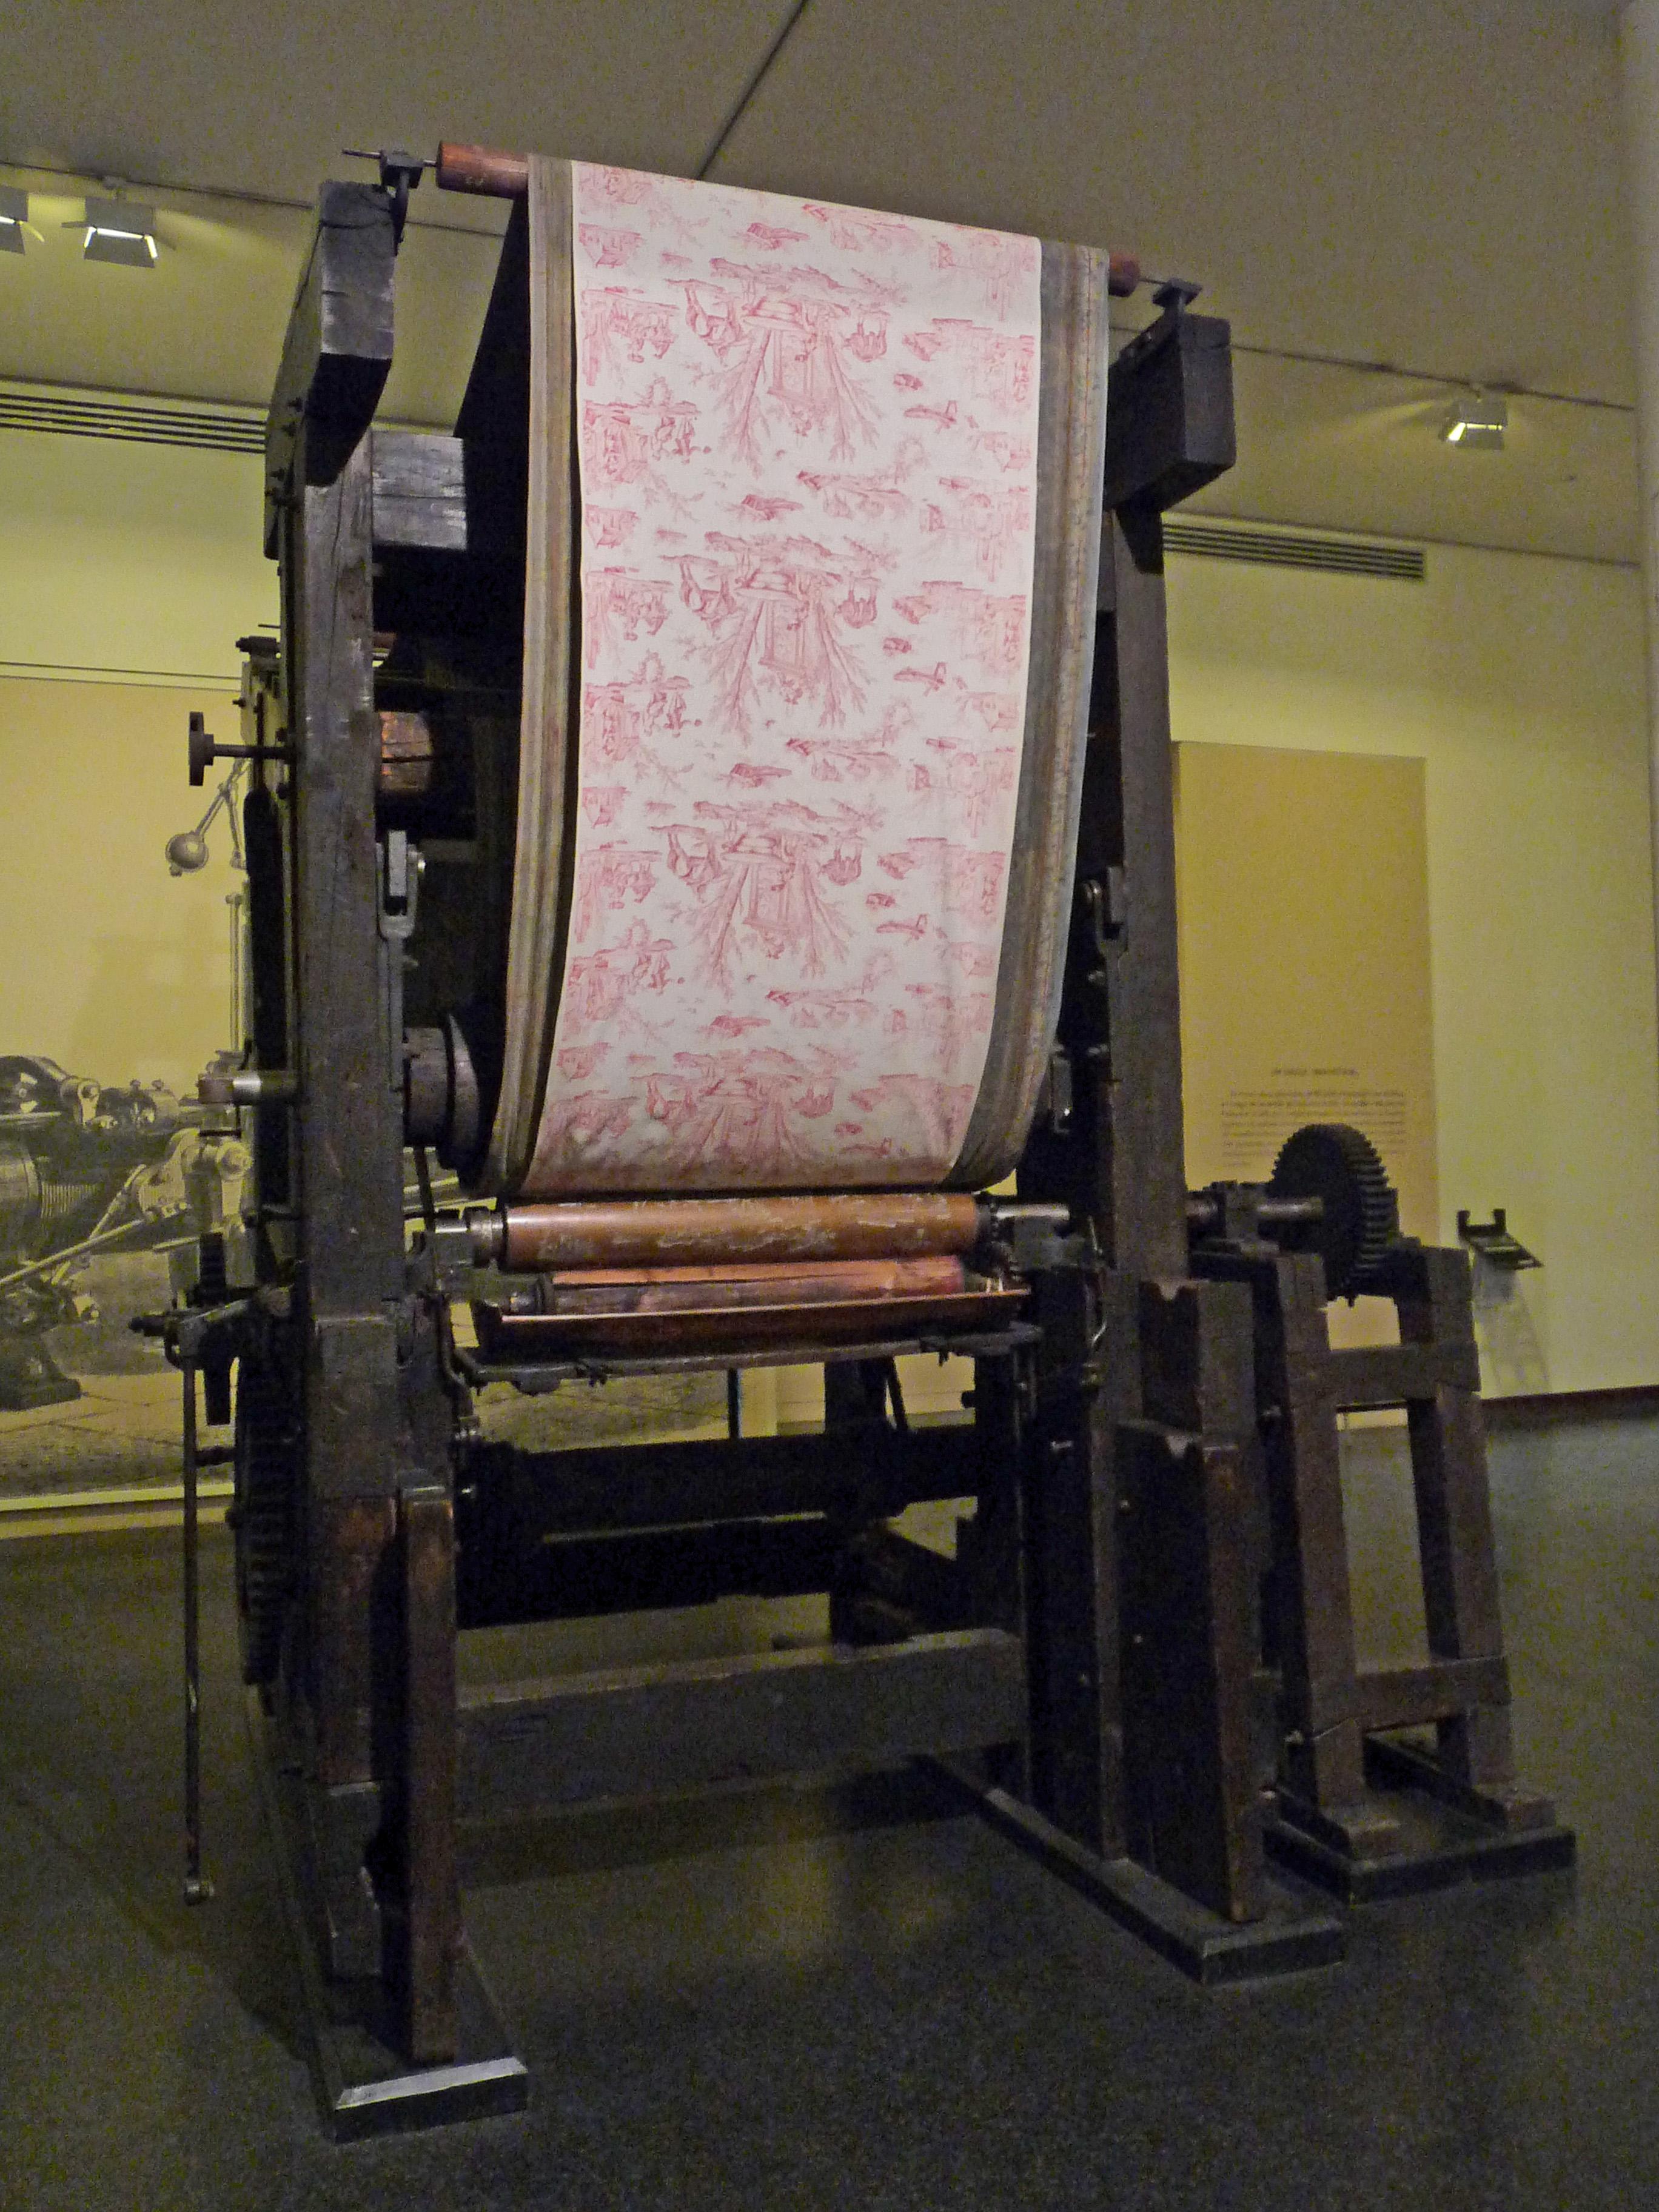 Musée De L'impression Sur étoffes : musée, l'impression, étoffes, File:Impression, Rouleau, Cuivre-Musée, L'impression, Mulhouse, (1).jpg, Wikimedia, Commons